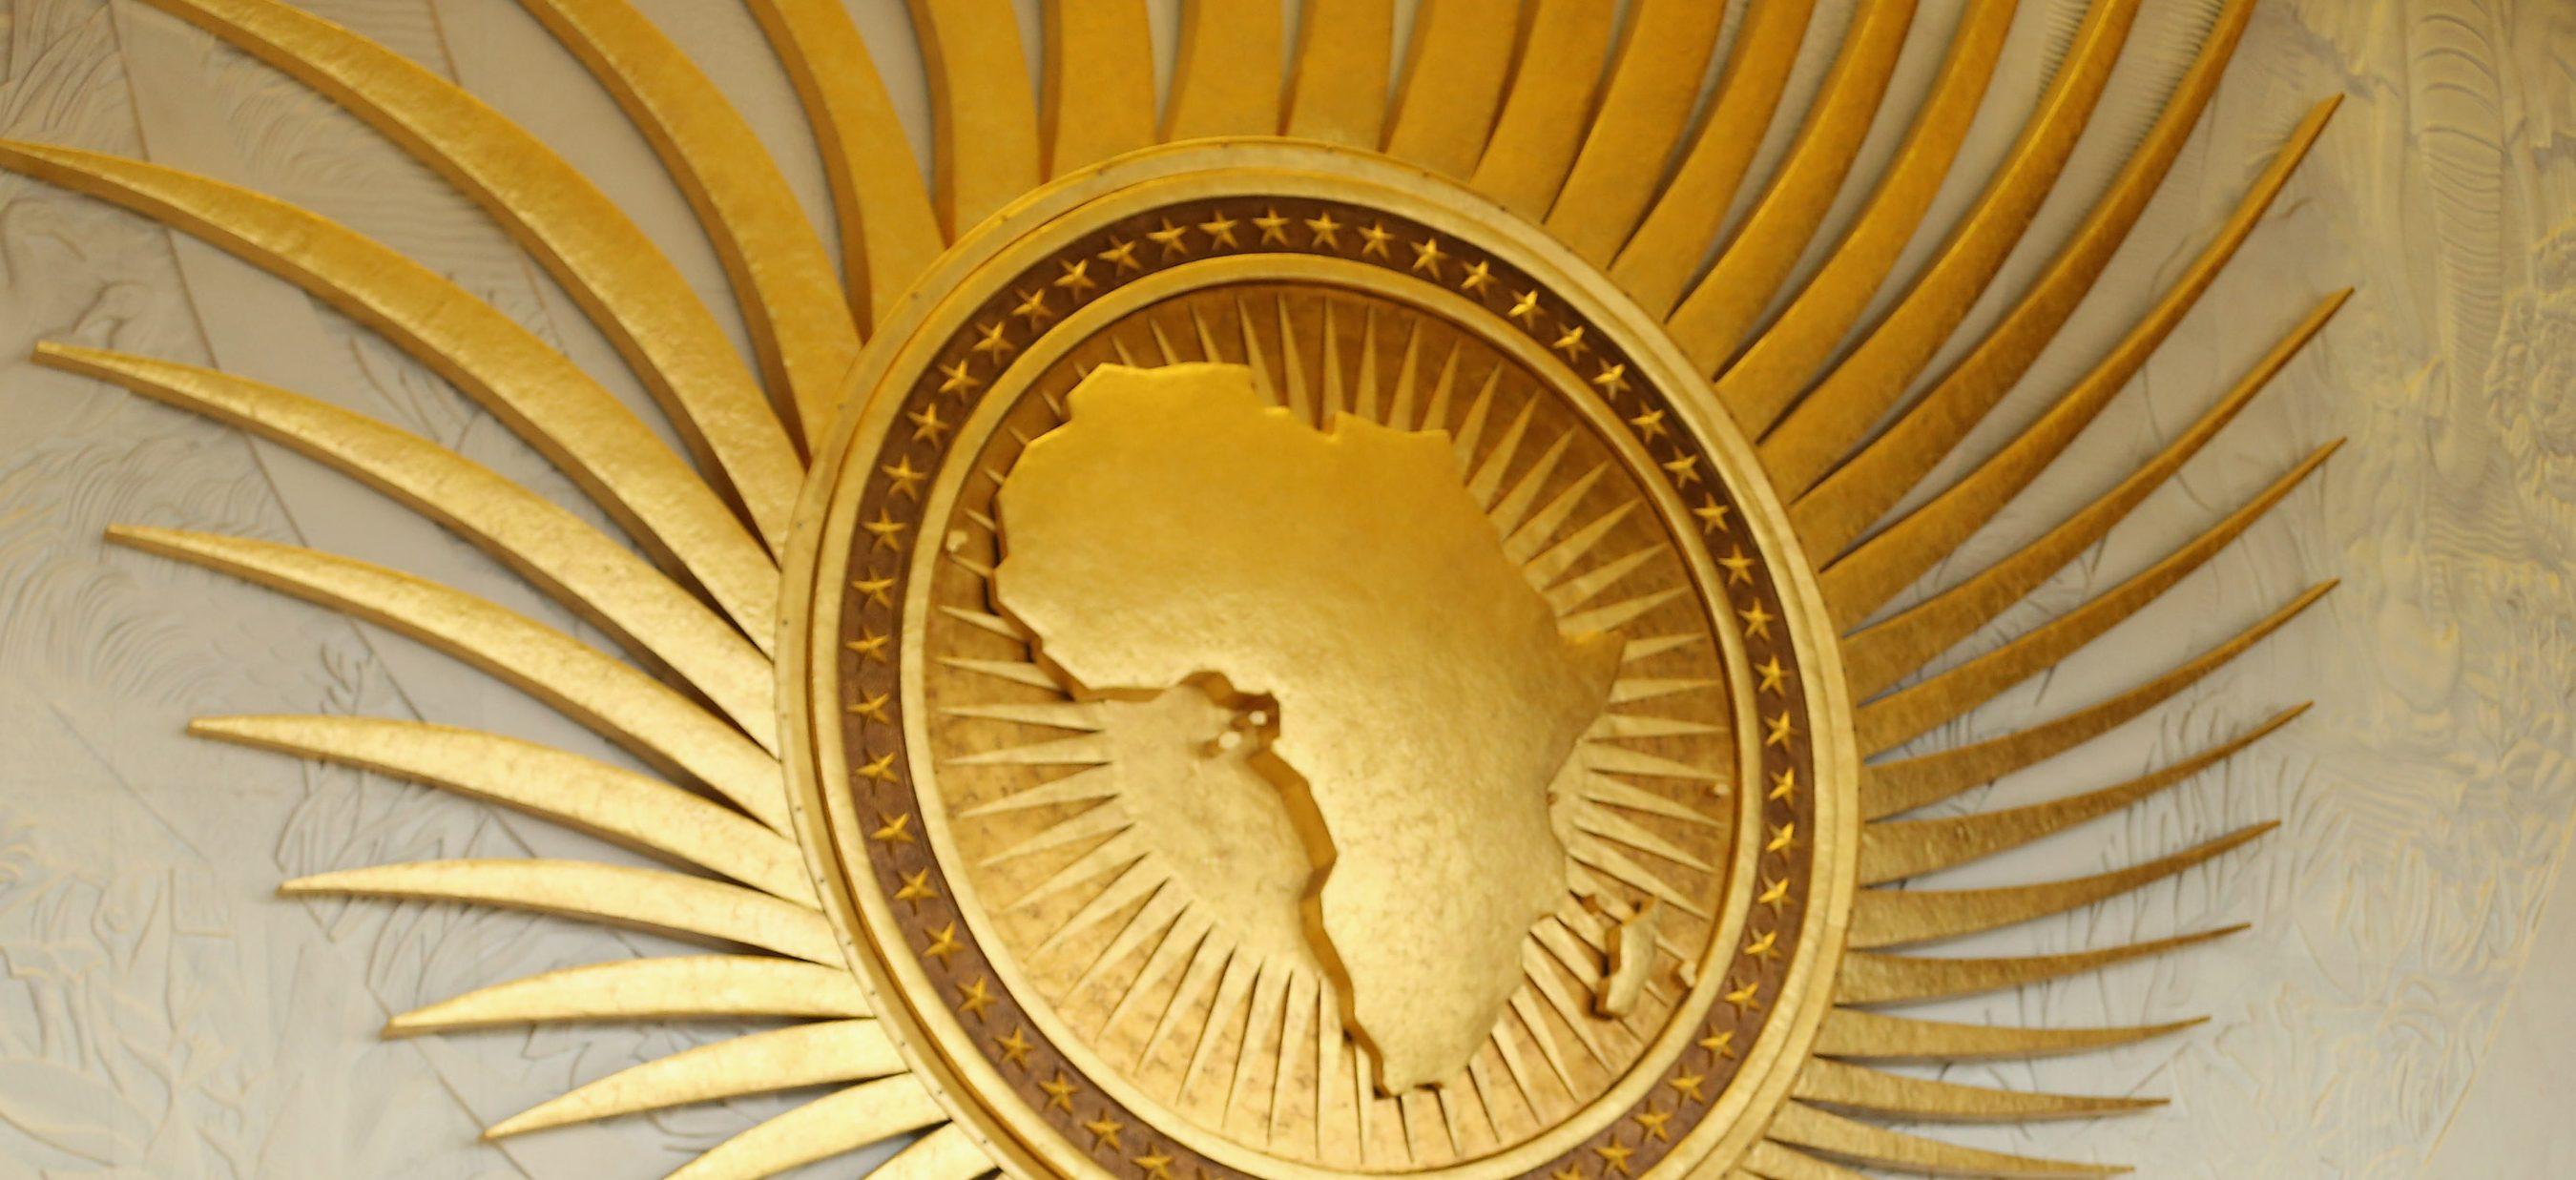 الاتحاد الأفريقي يطلق ورشة عمل لقياس دور المرأة في السلام والأمن